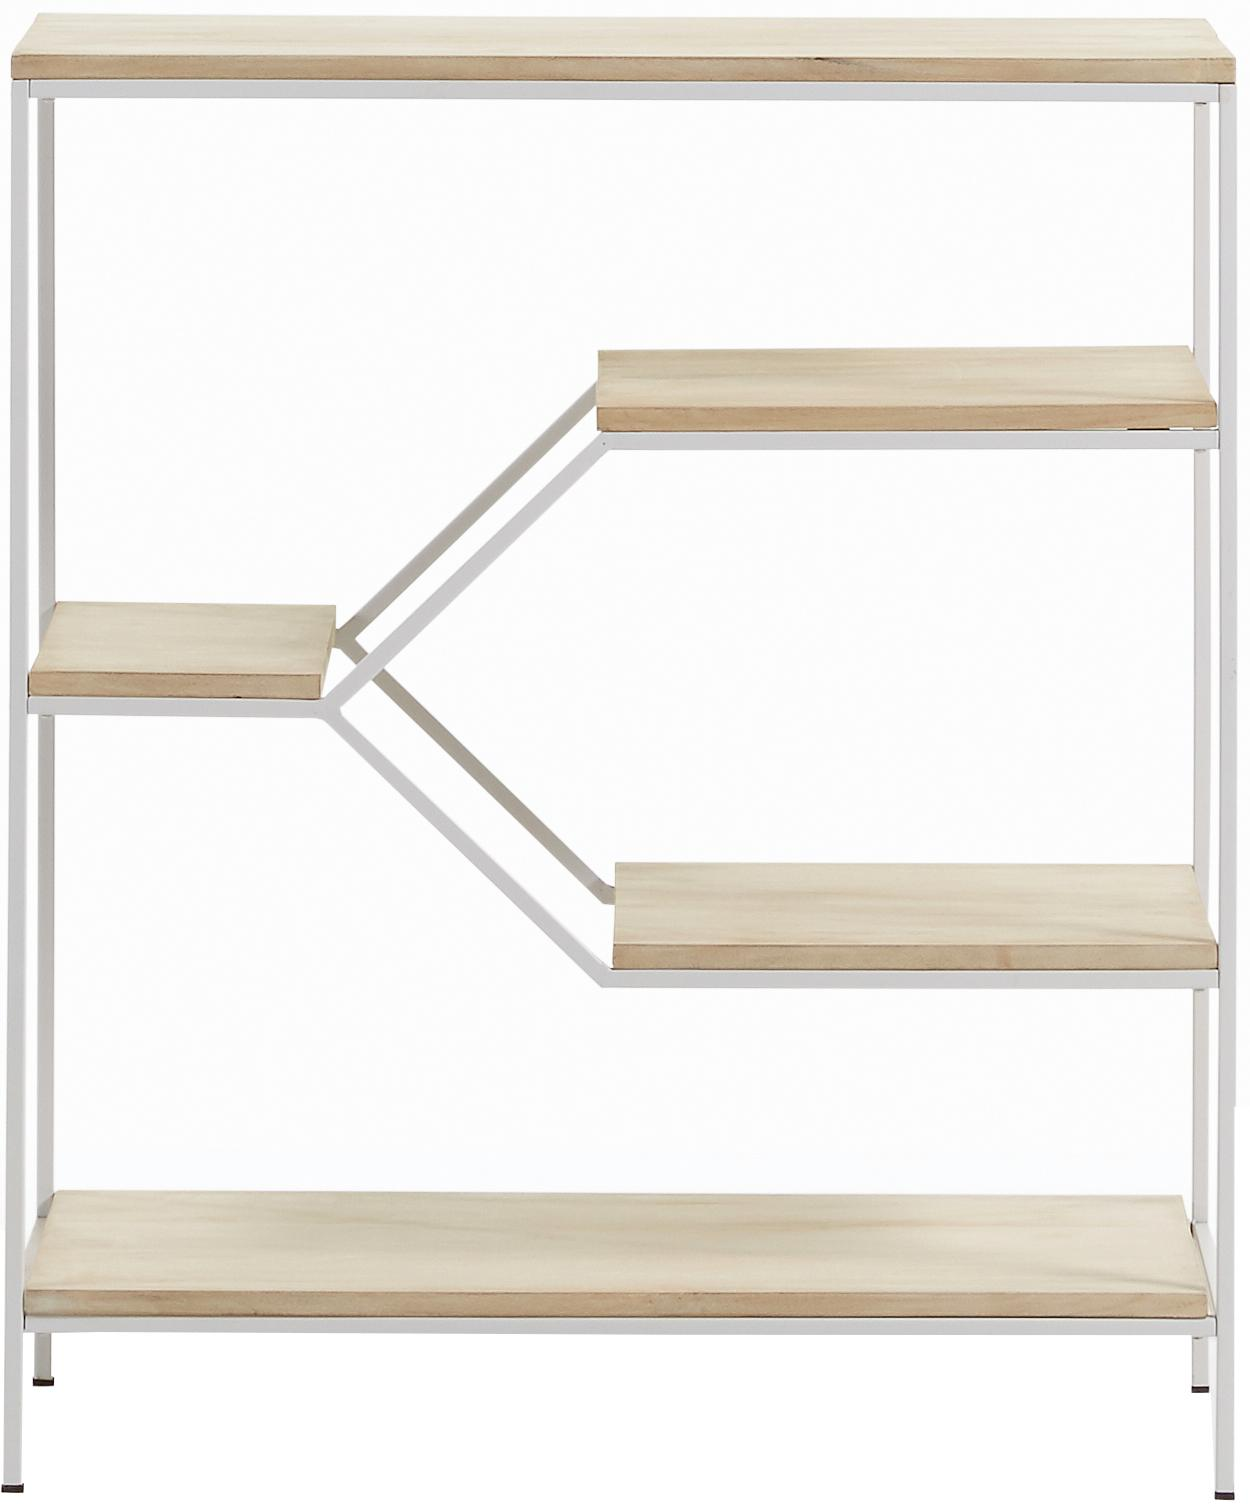 Niedriges Standregal Push aus Holz und Metall, Gestell: Metall, lackiert, Weiß, Braun, 80 x 94 cm